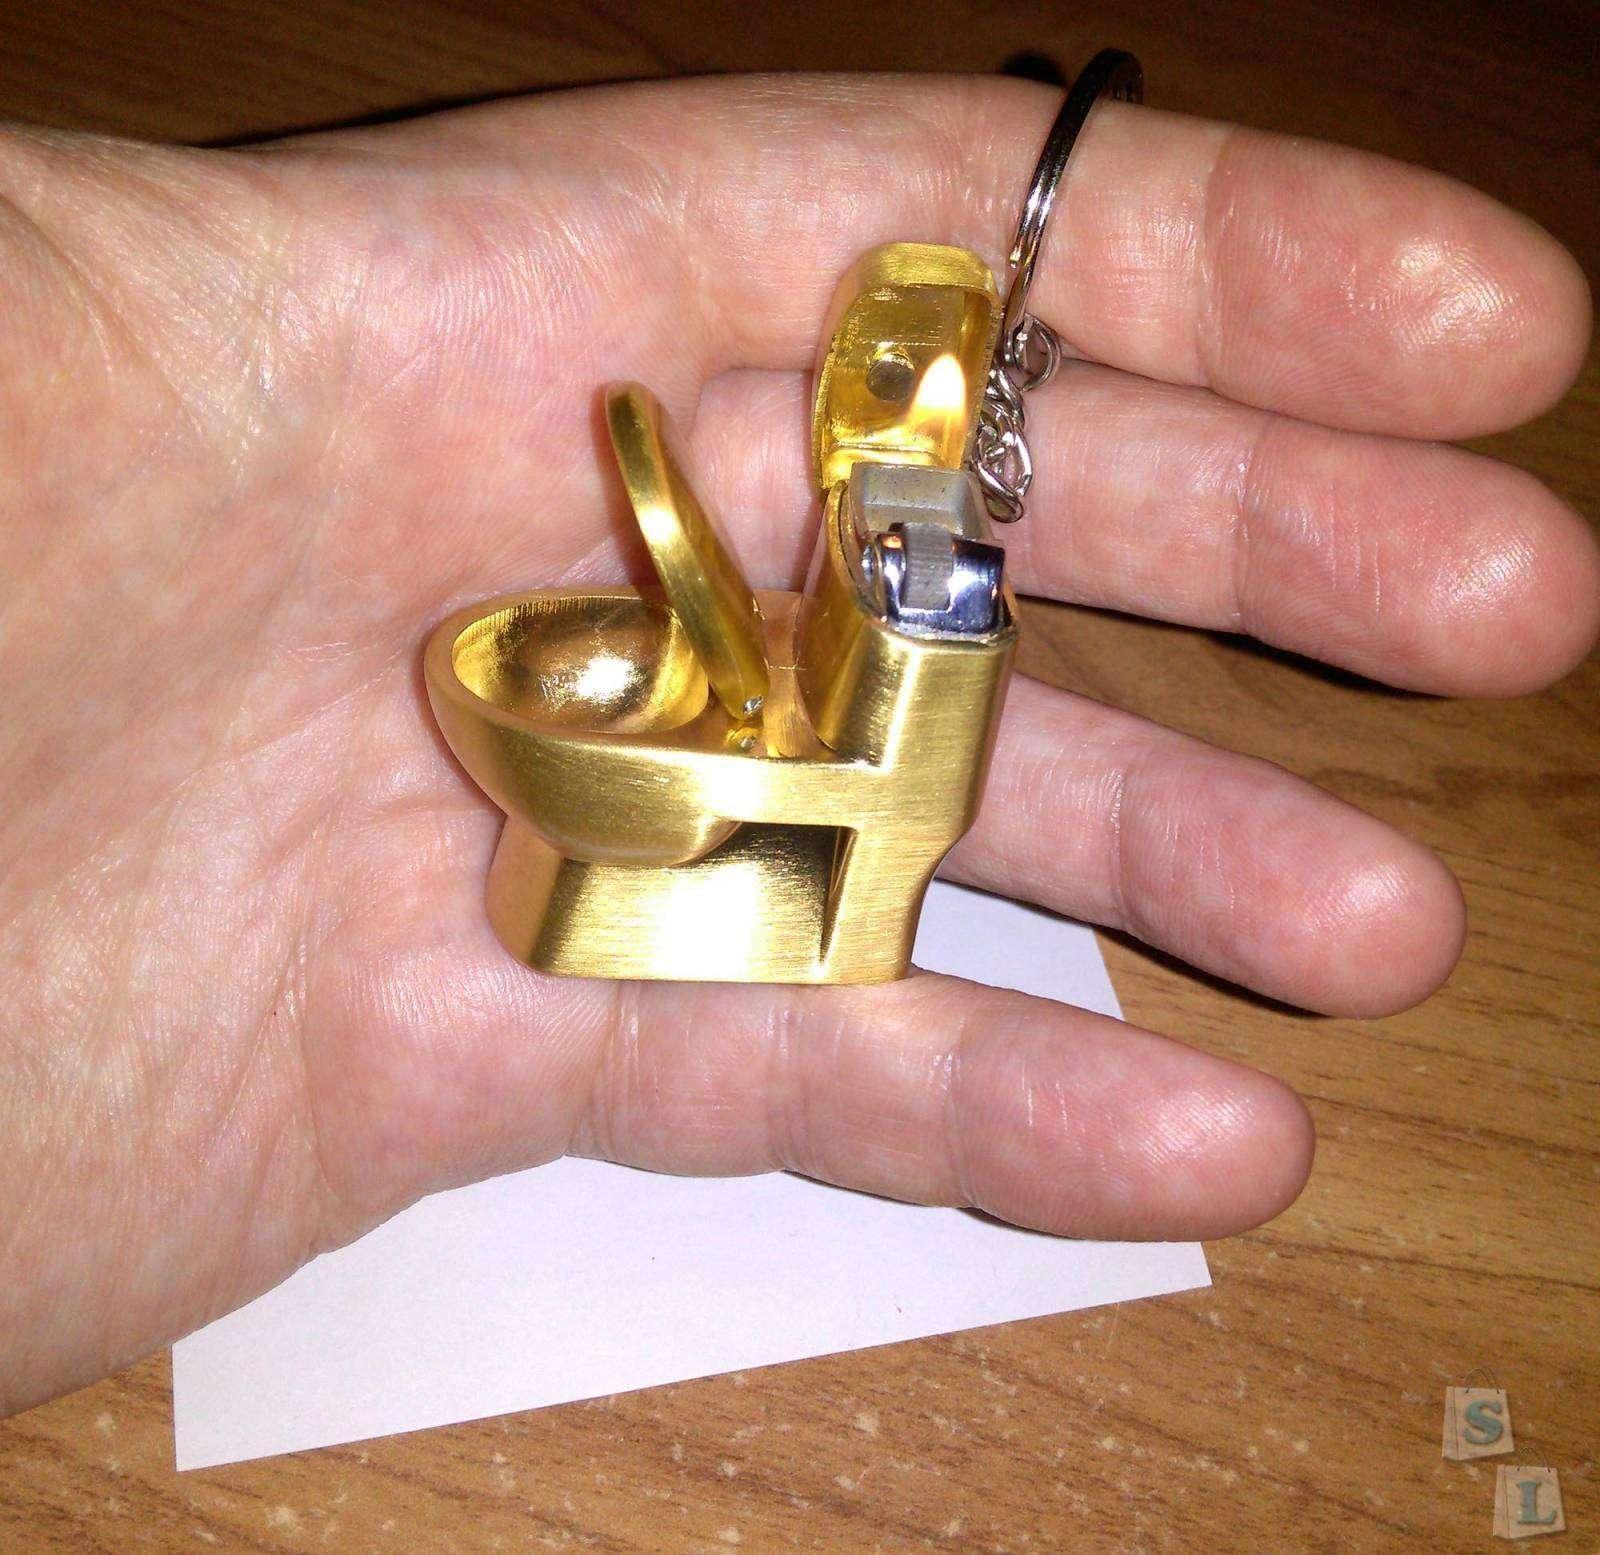 TinyDeal: Зажигалка - золотой унитаз, почти! Или прикурить от унитаза!